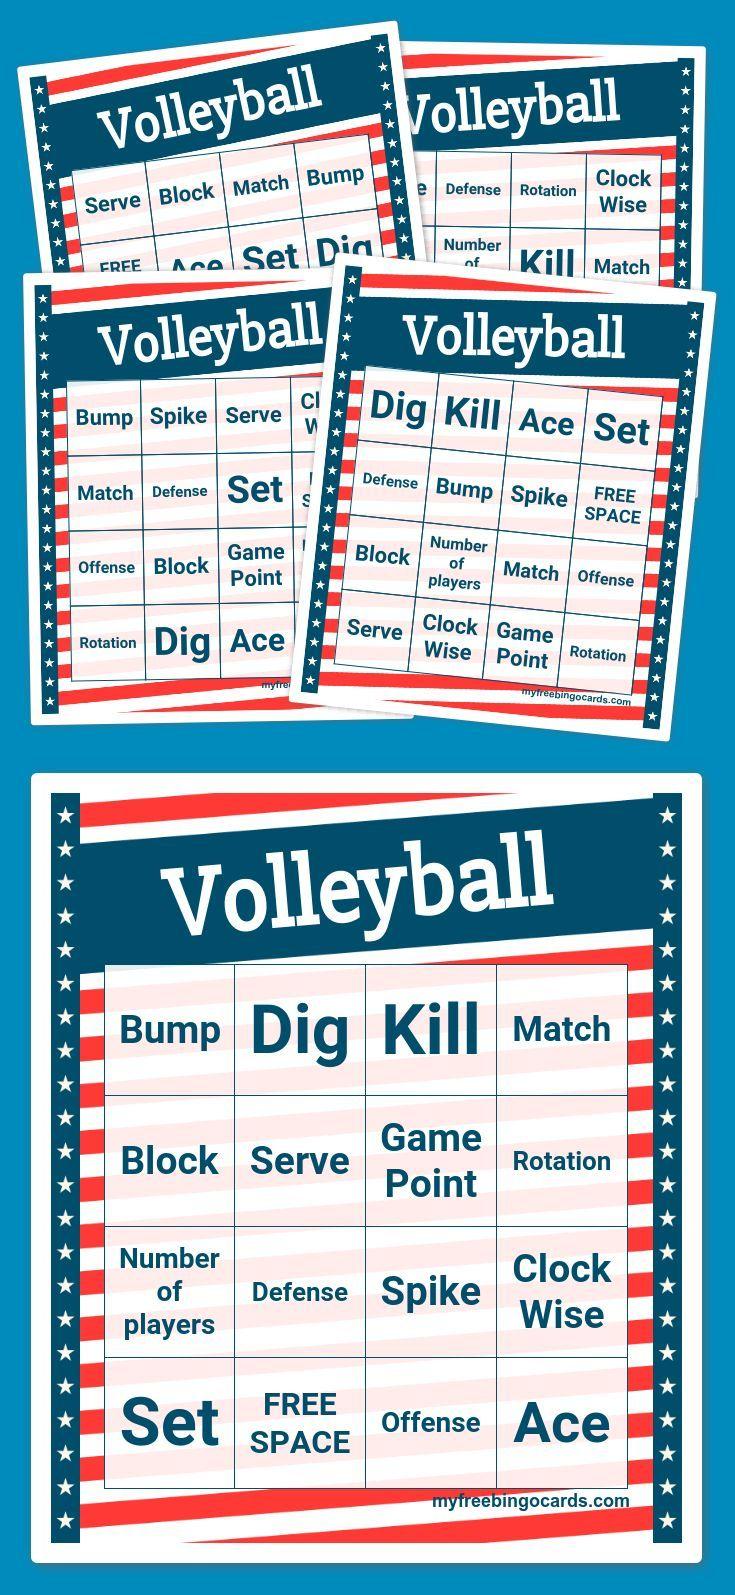 Volleyball Bingo Bingo Cards Free Bingo Cards Bingo [ 1595 x 735 Pixel ]